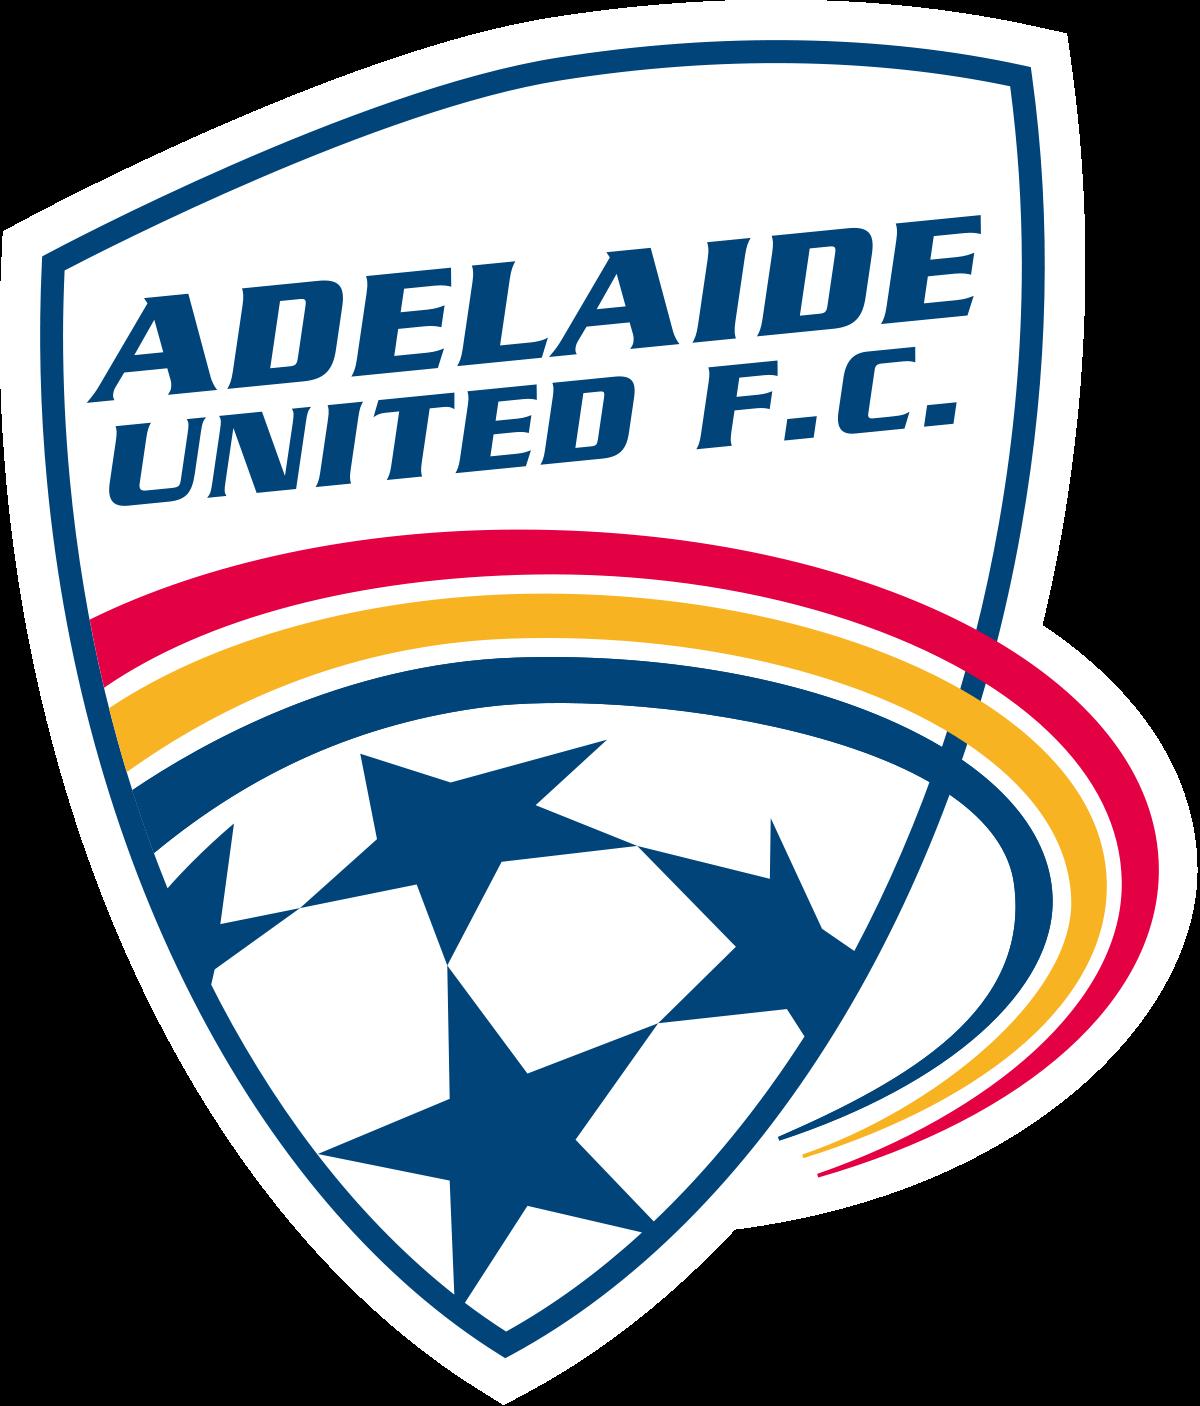 Adelaide United U-23 logo